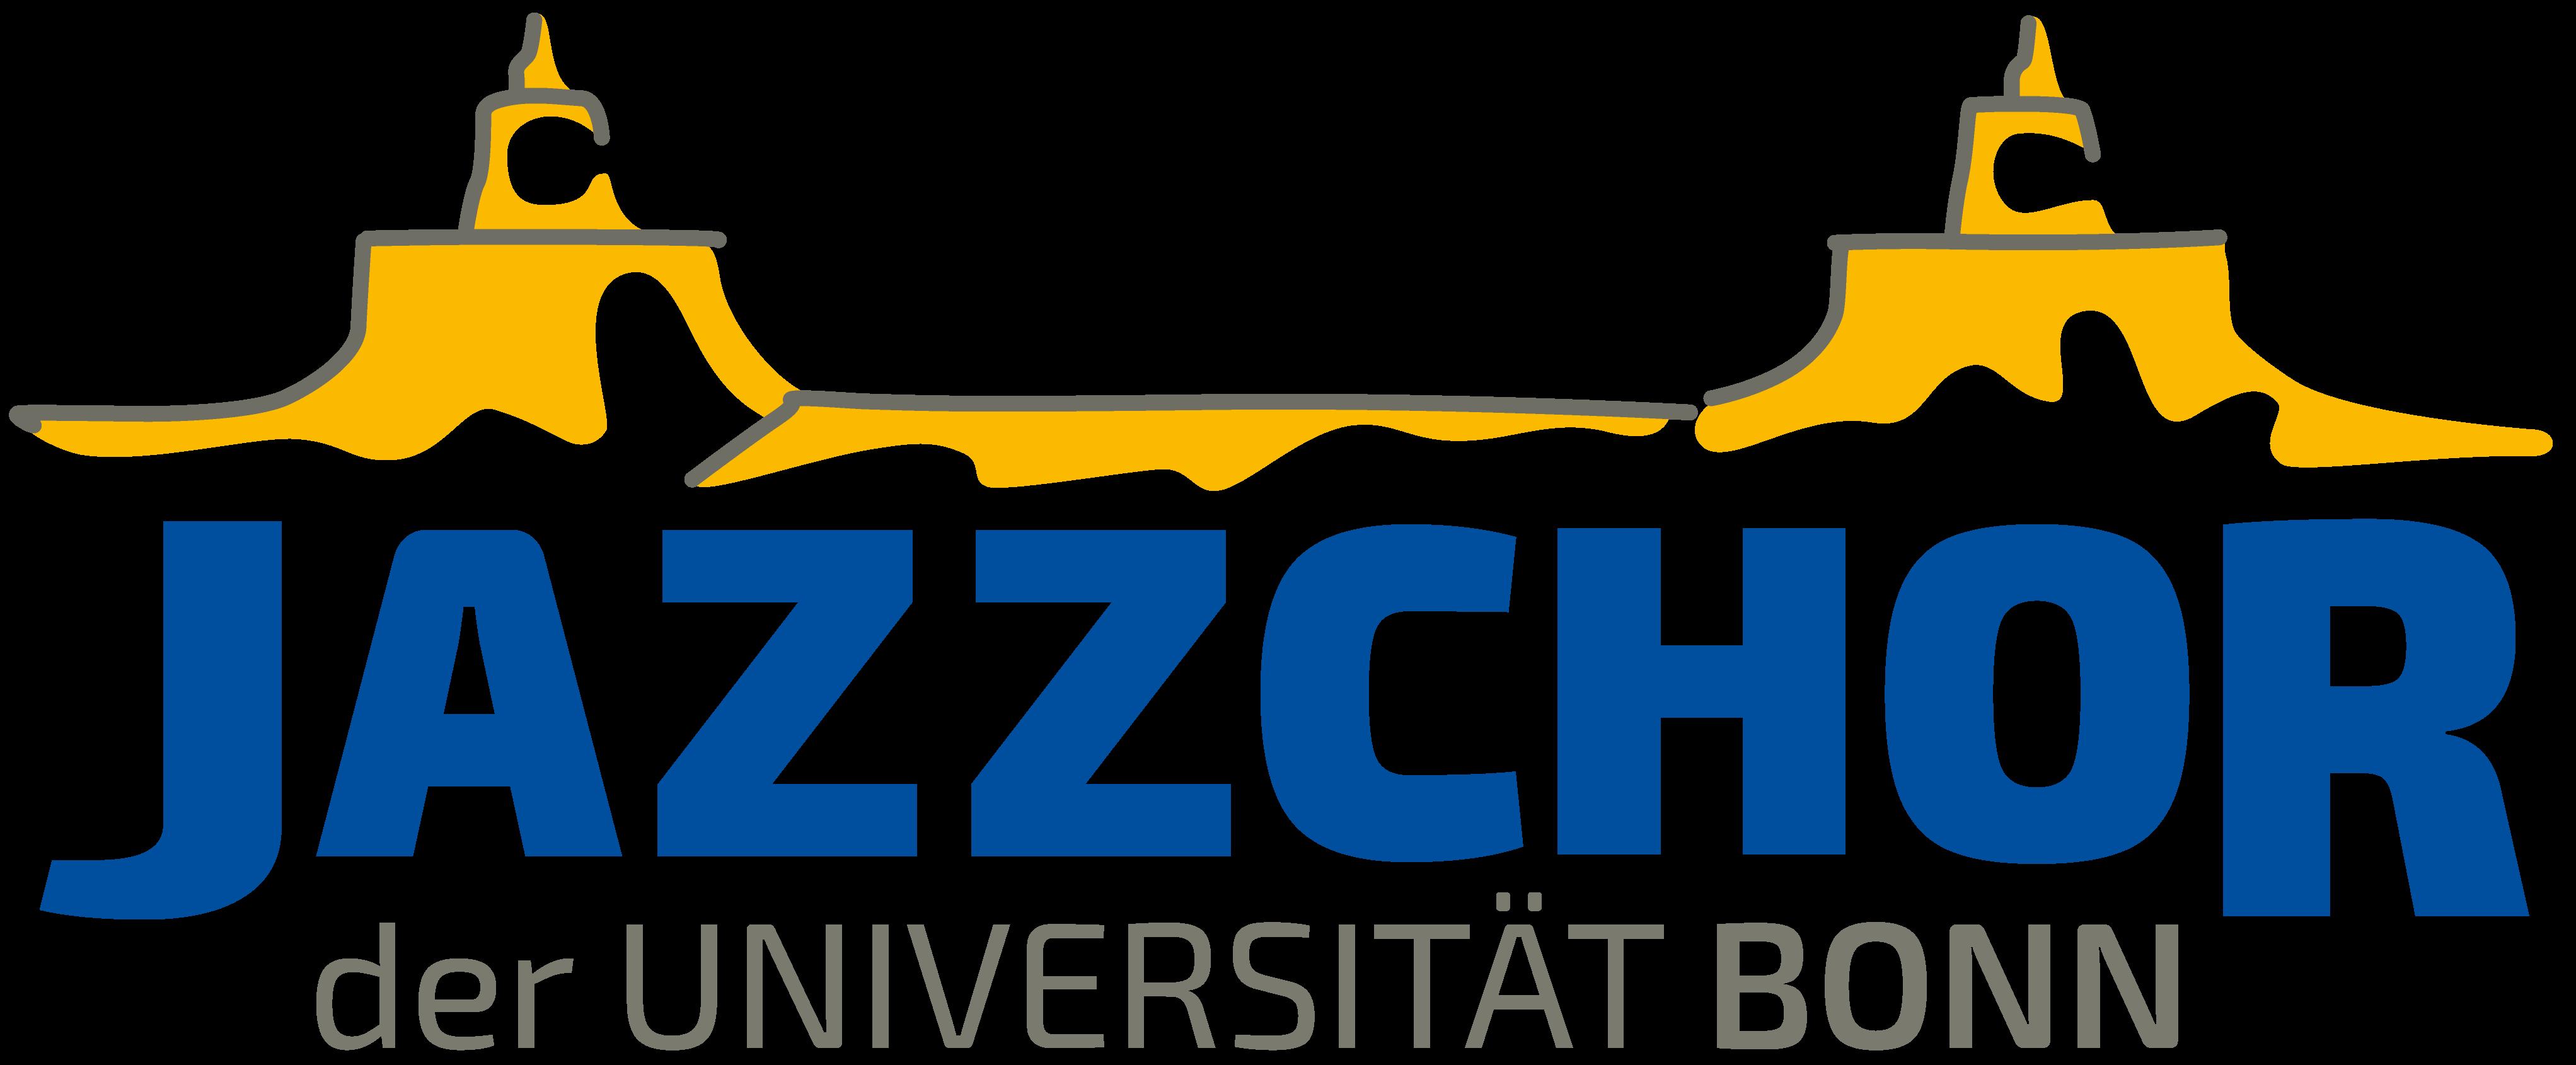 Jazzchor der Universität Bonn